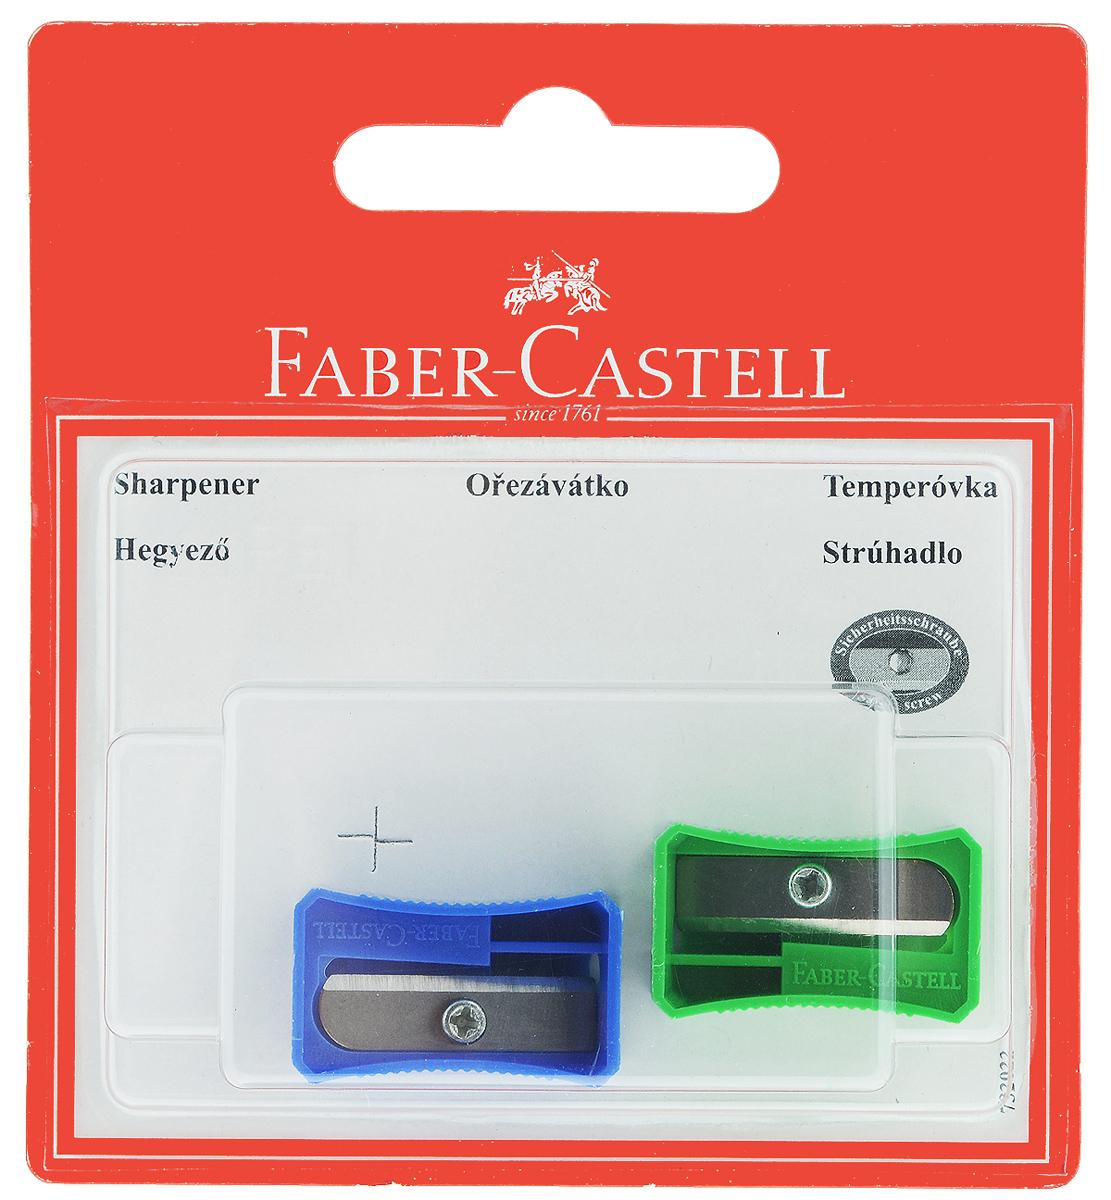 Faber-Castell Точилка цвет синий зеленый 2 шт72523WDНабор точилок Faber-Castell предназначен для затачивания классических простых и цветных карандашей. В наборе две точилки из прочного пластика с рифленой областью захвата. Острые стальные лезвия обеспечивают высококачественную и точную заточку деревянных карандашей.